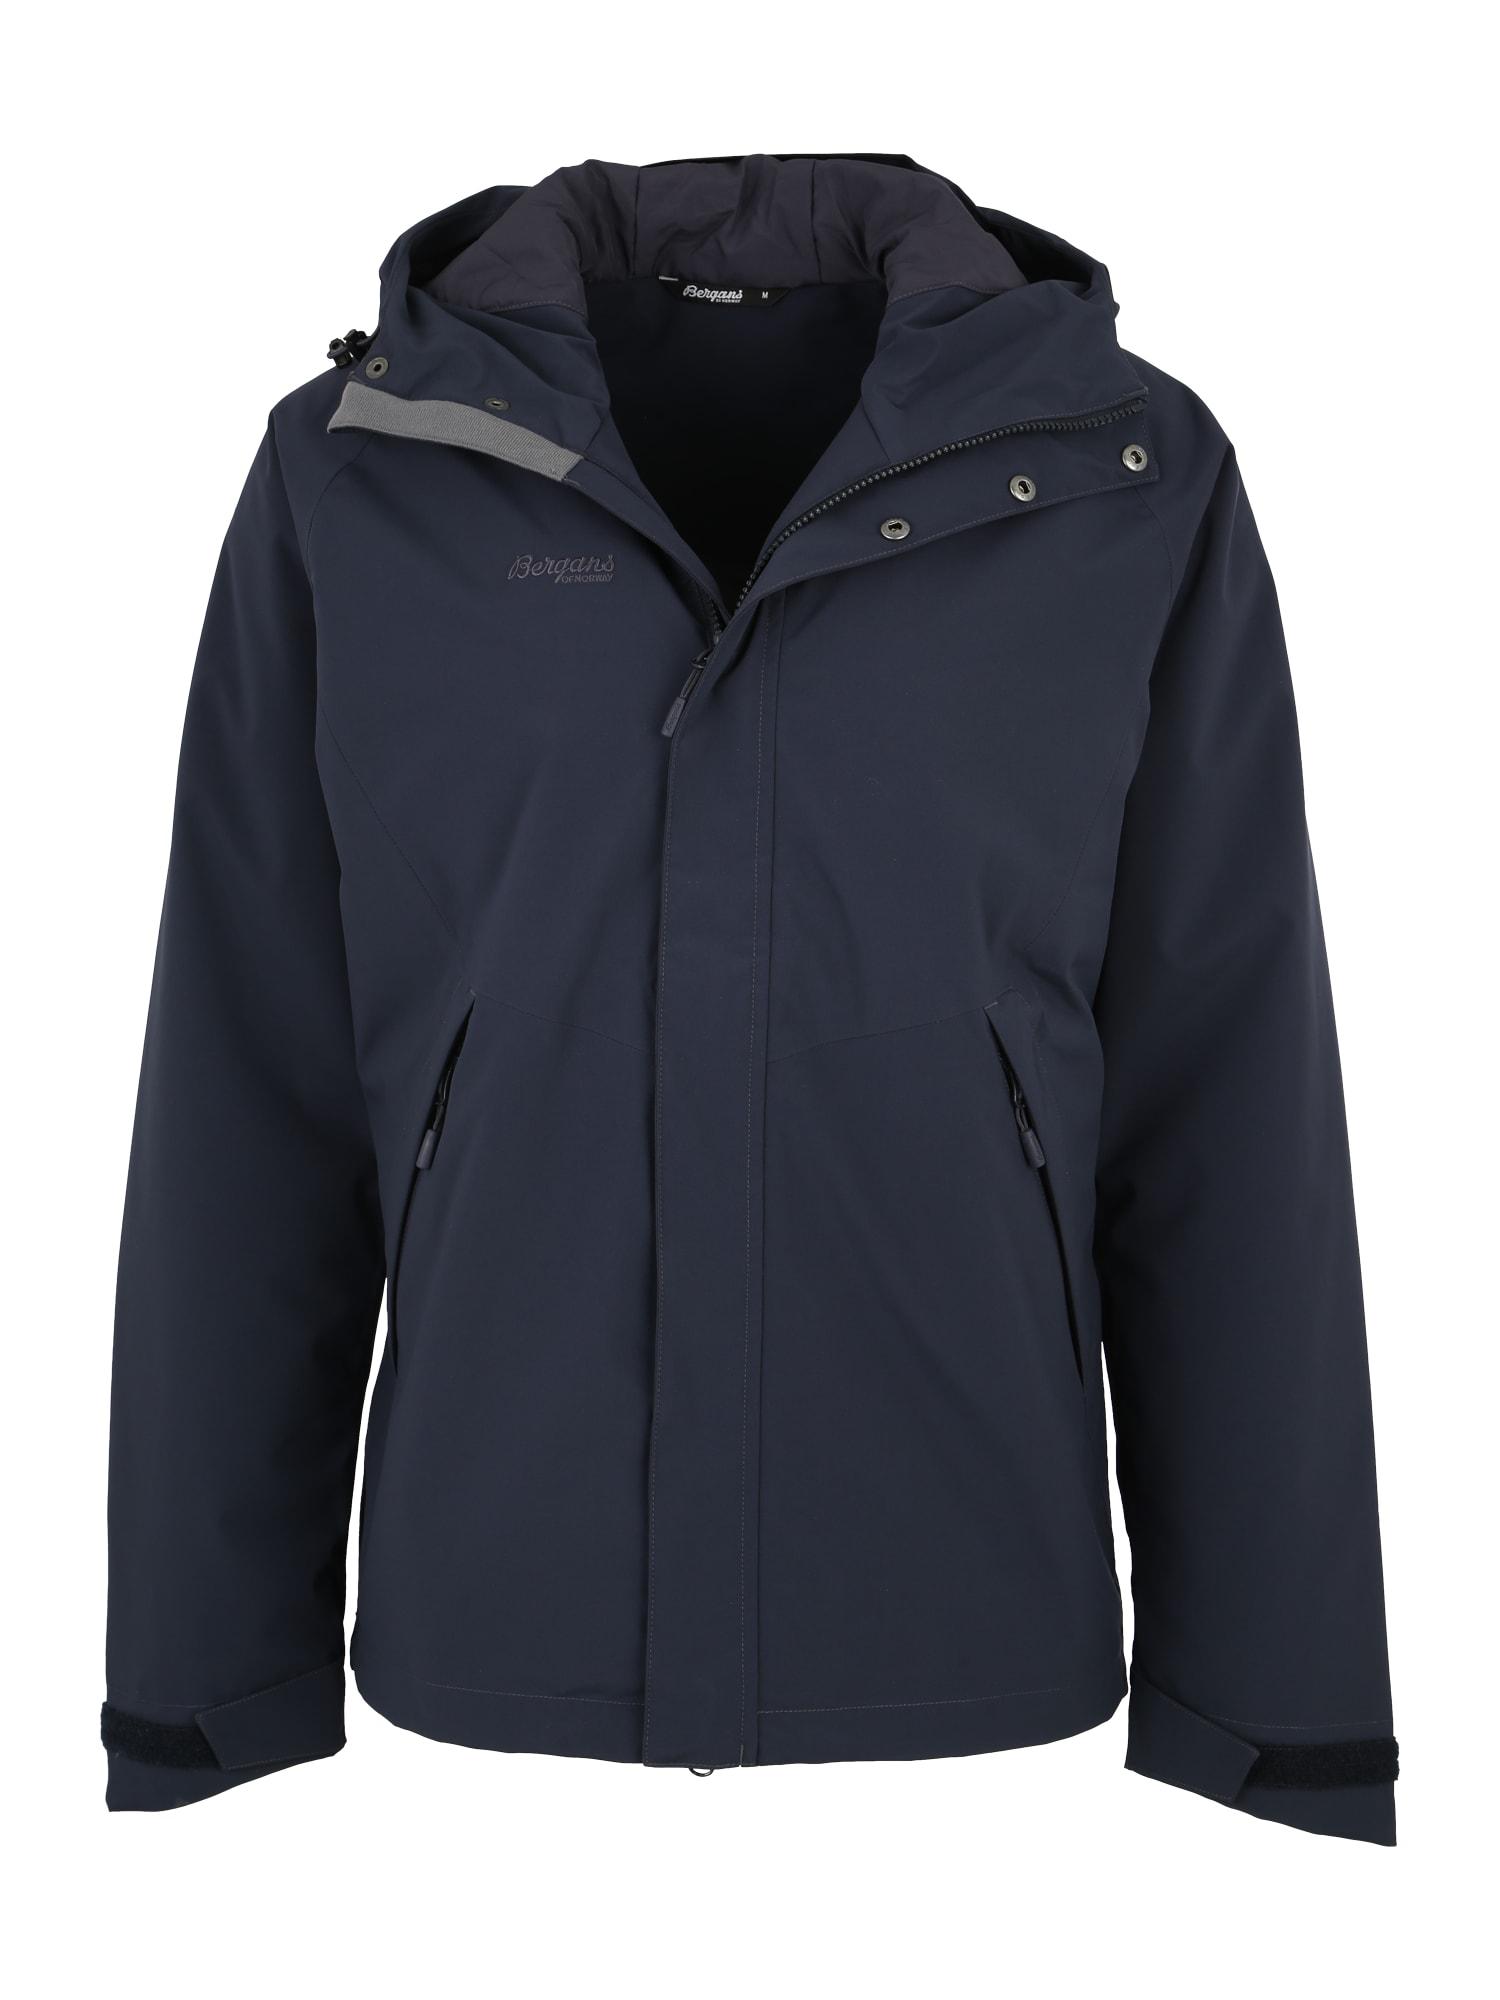 Sportovní bunda Ramberg námořnická modř Bergans